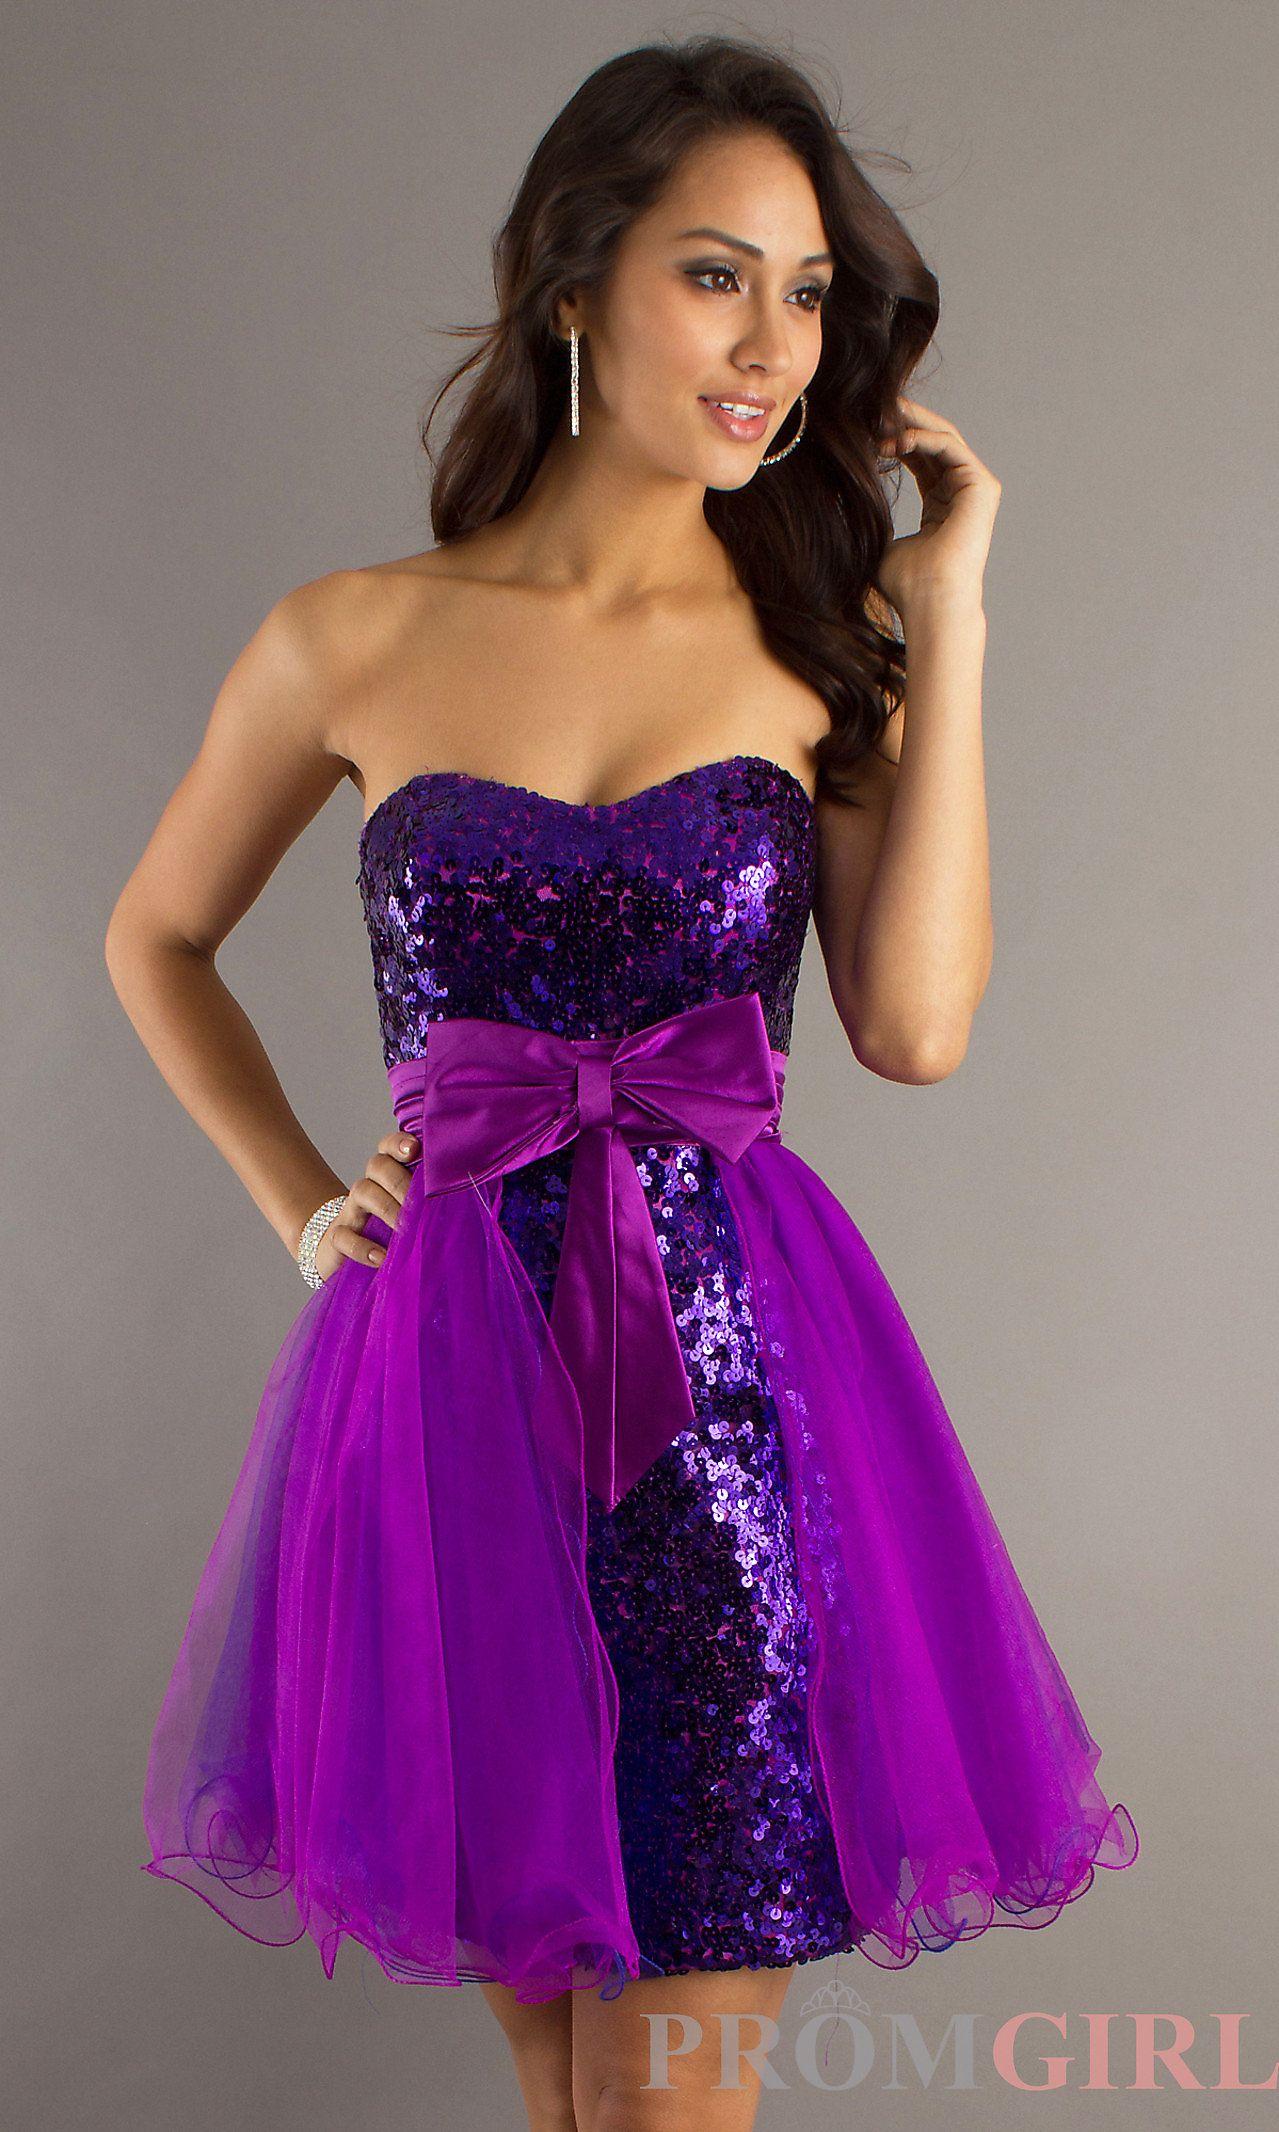 prettyyy for commencement | Prom Dresses | Pinterest | Vestido ...